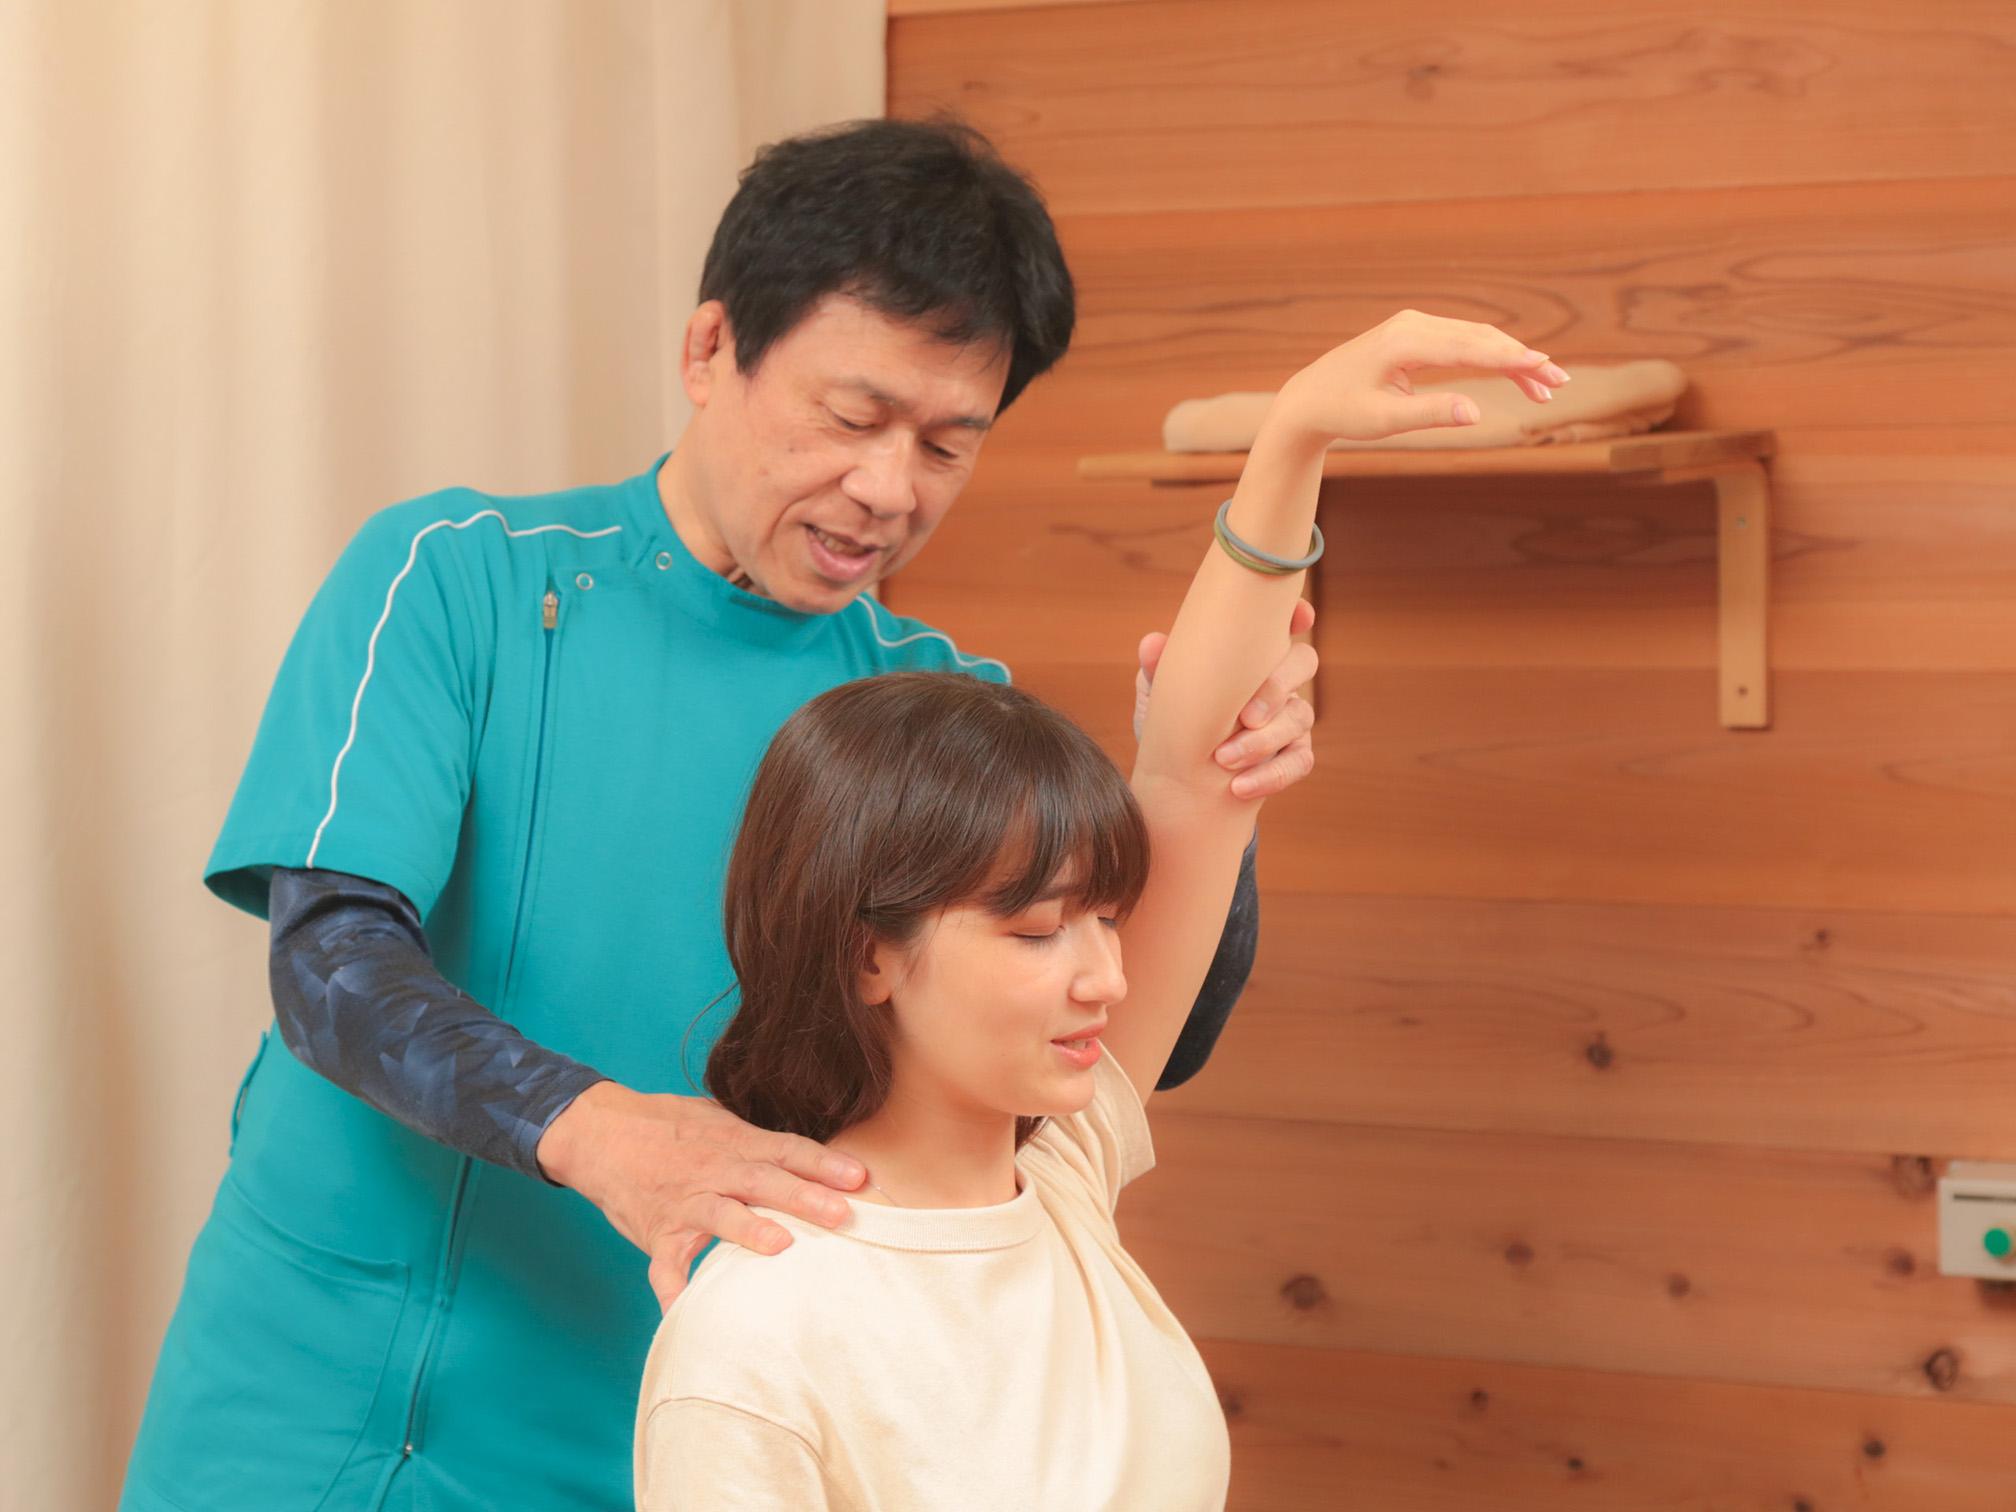 肩関節の動きを確認します